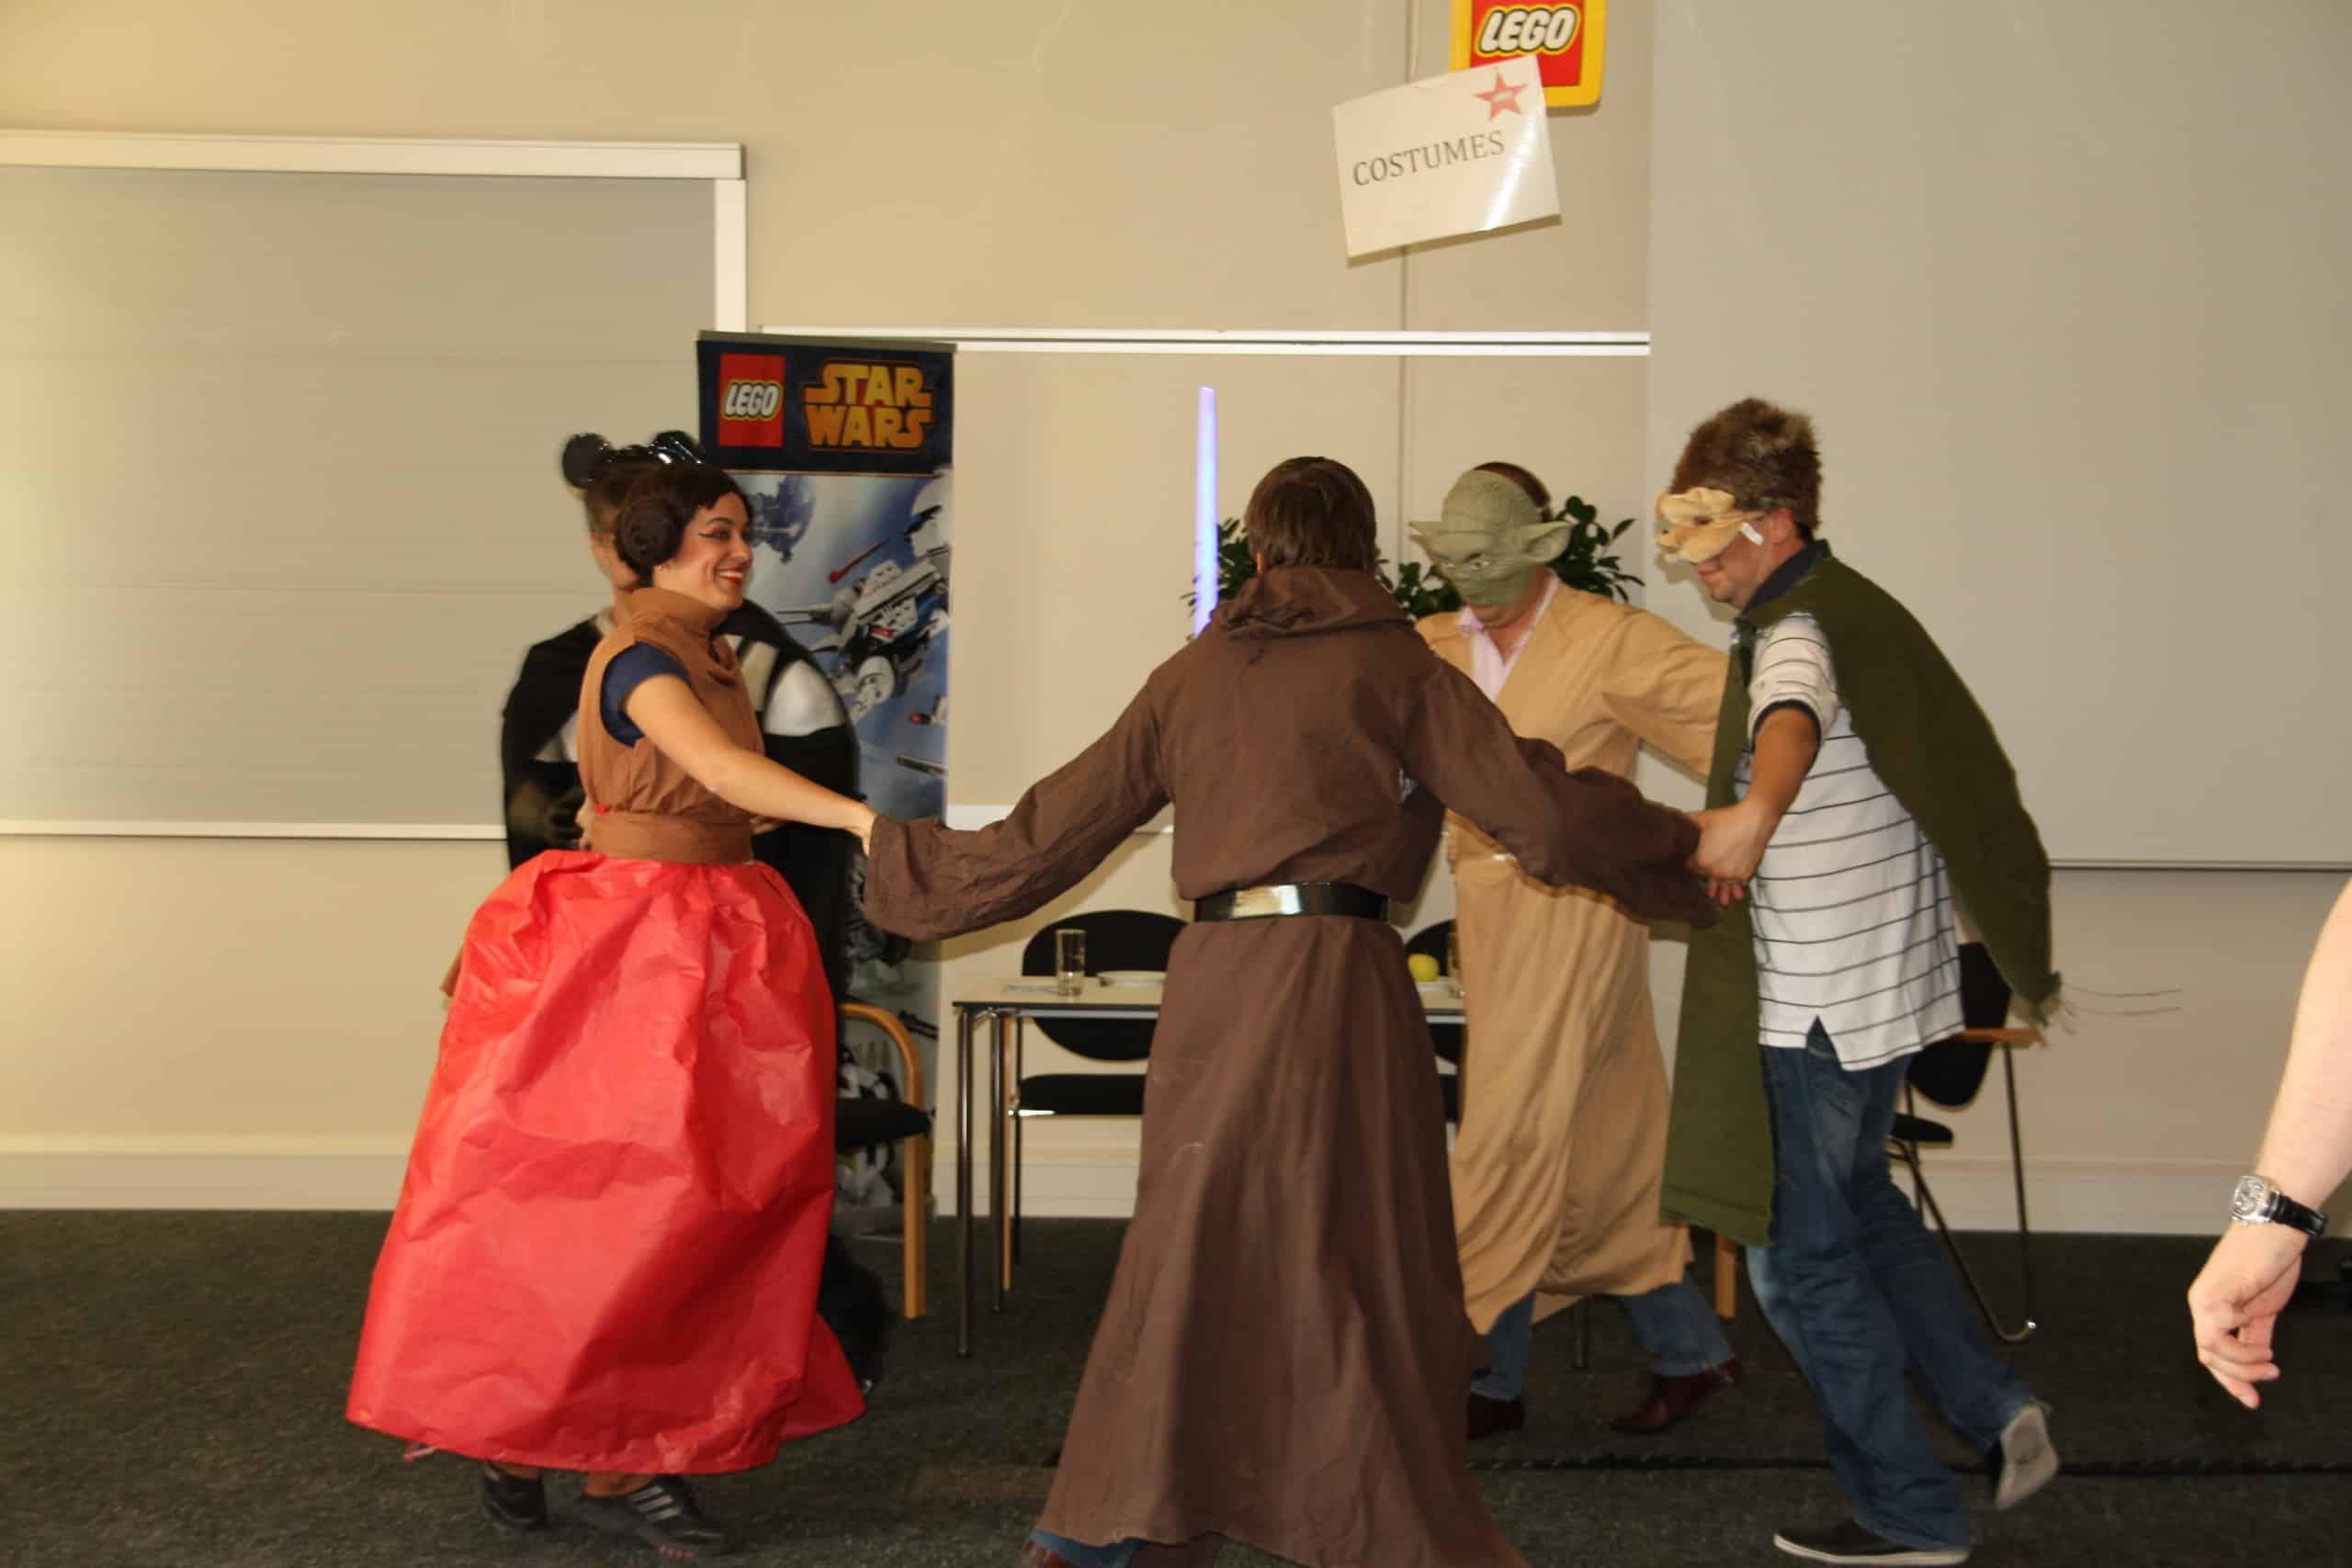 Her ses folk påklædt i deres kostumer, danse i en cirkel